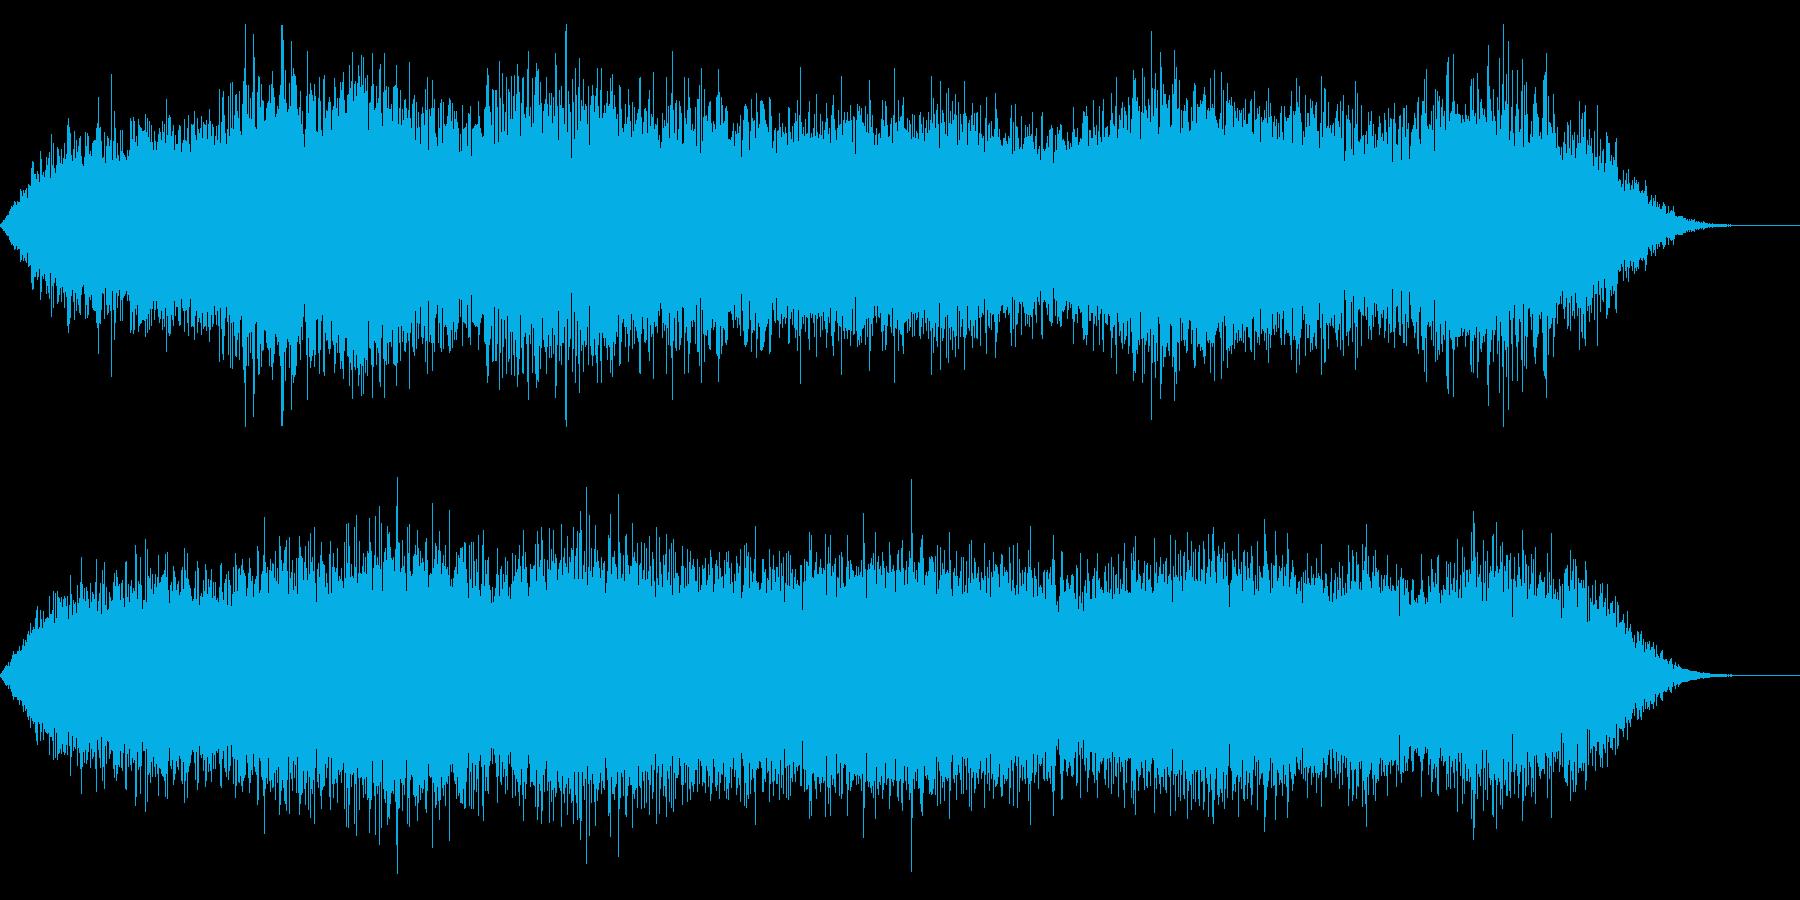 Dark_ホラーで怪しく神秘的-23_Sの再生済みの波形